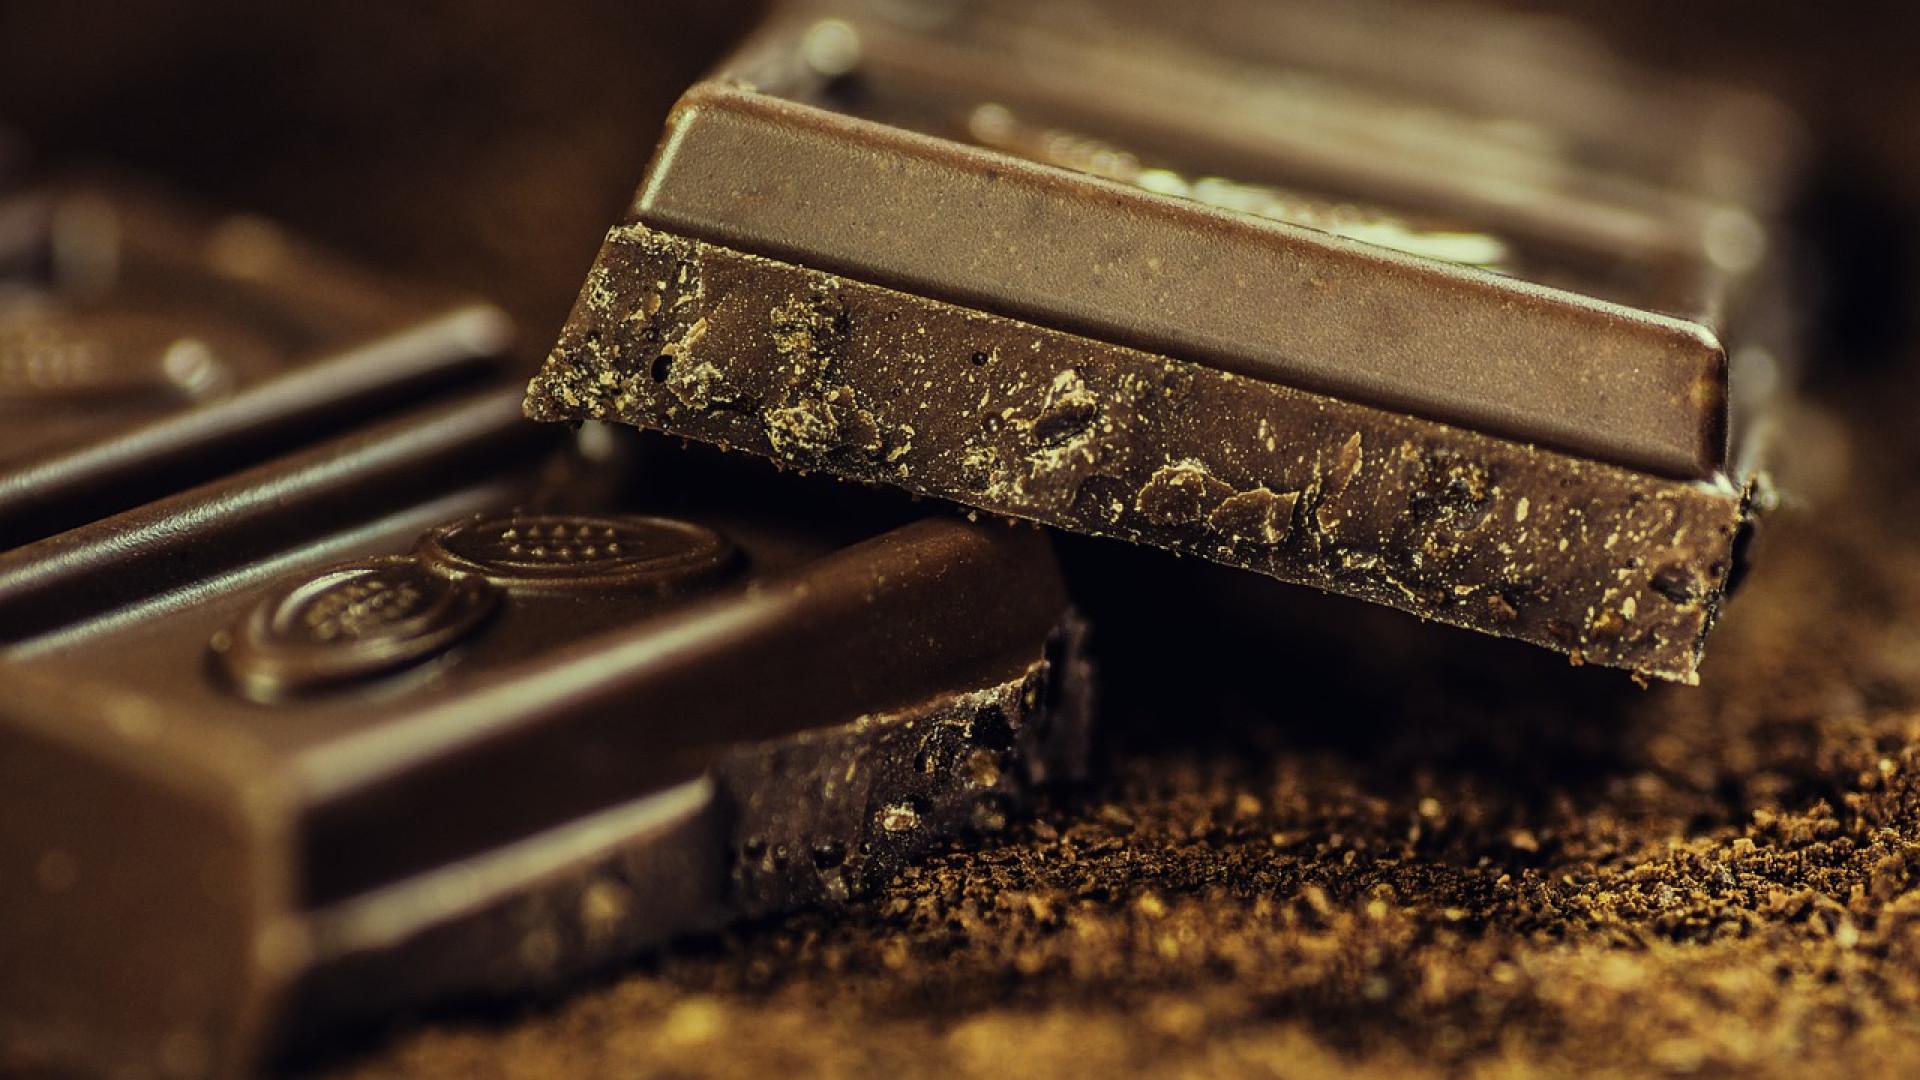 Le chocolat, ce plaisir qui se partage en toute occasion